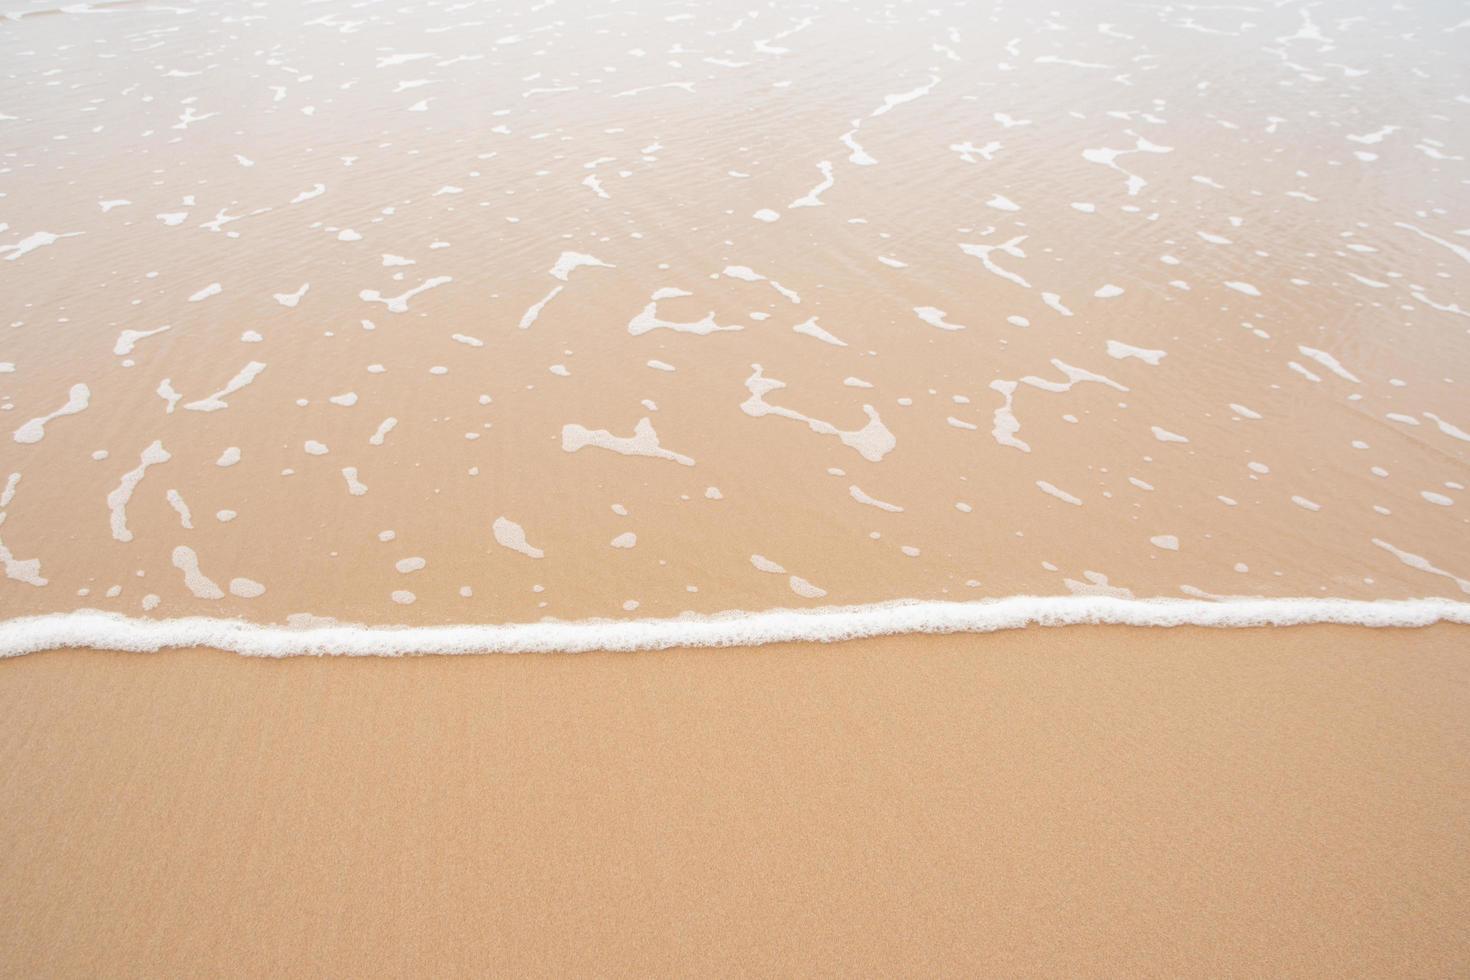 le onde si avvicinano alla spiaggia foto